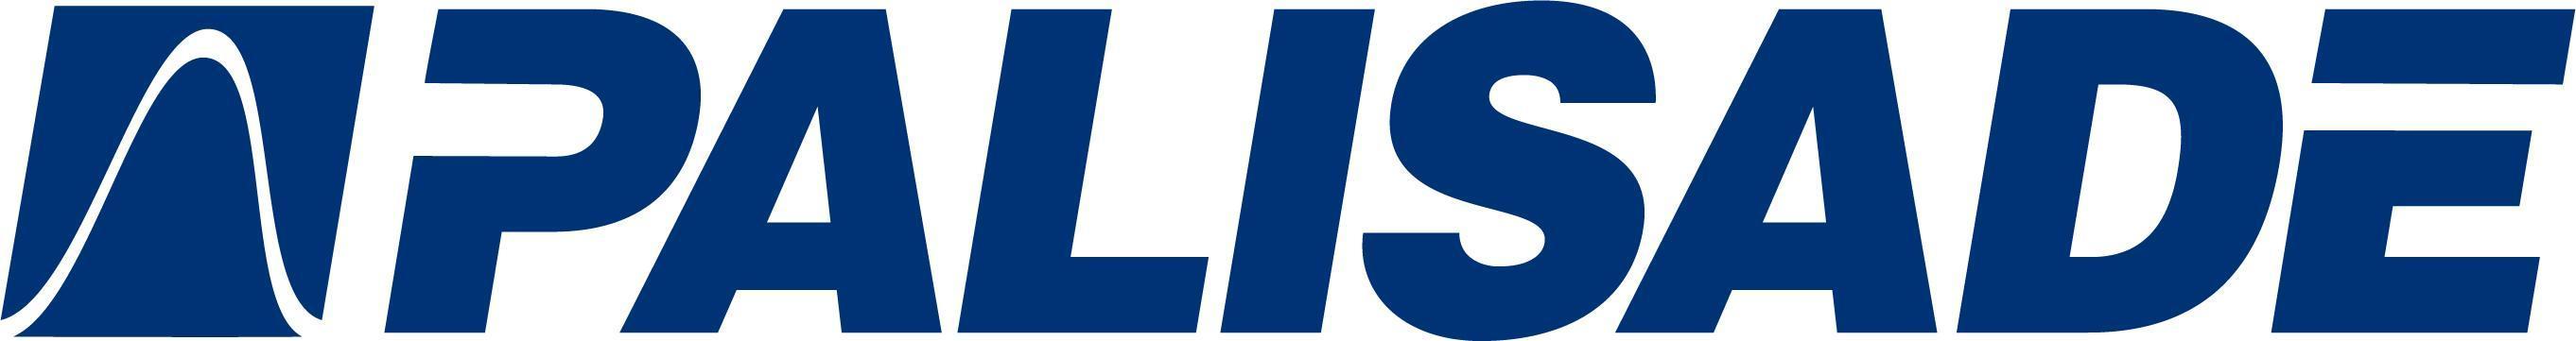 Palisade company logo